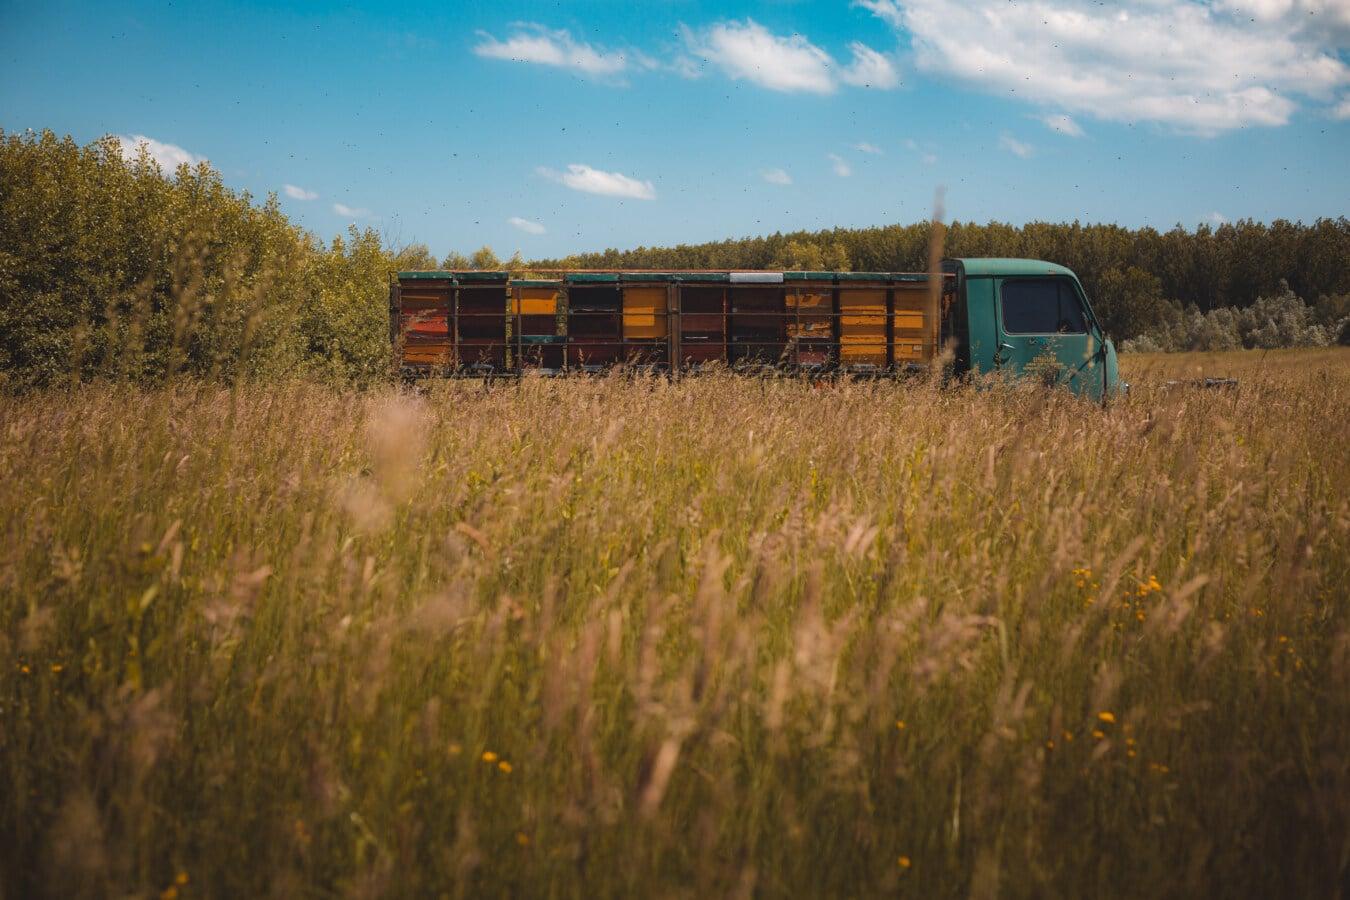 LKW, Bienenstock, Sommer, Feld, Wiese, Gras, Landschaft, des ländlichen Raums, Sonnenuntergang, Natur